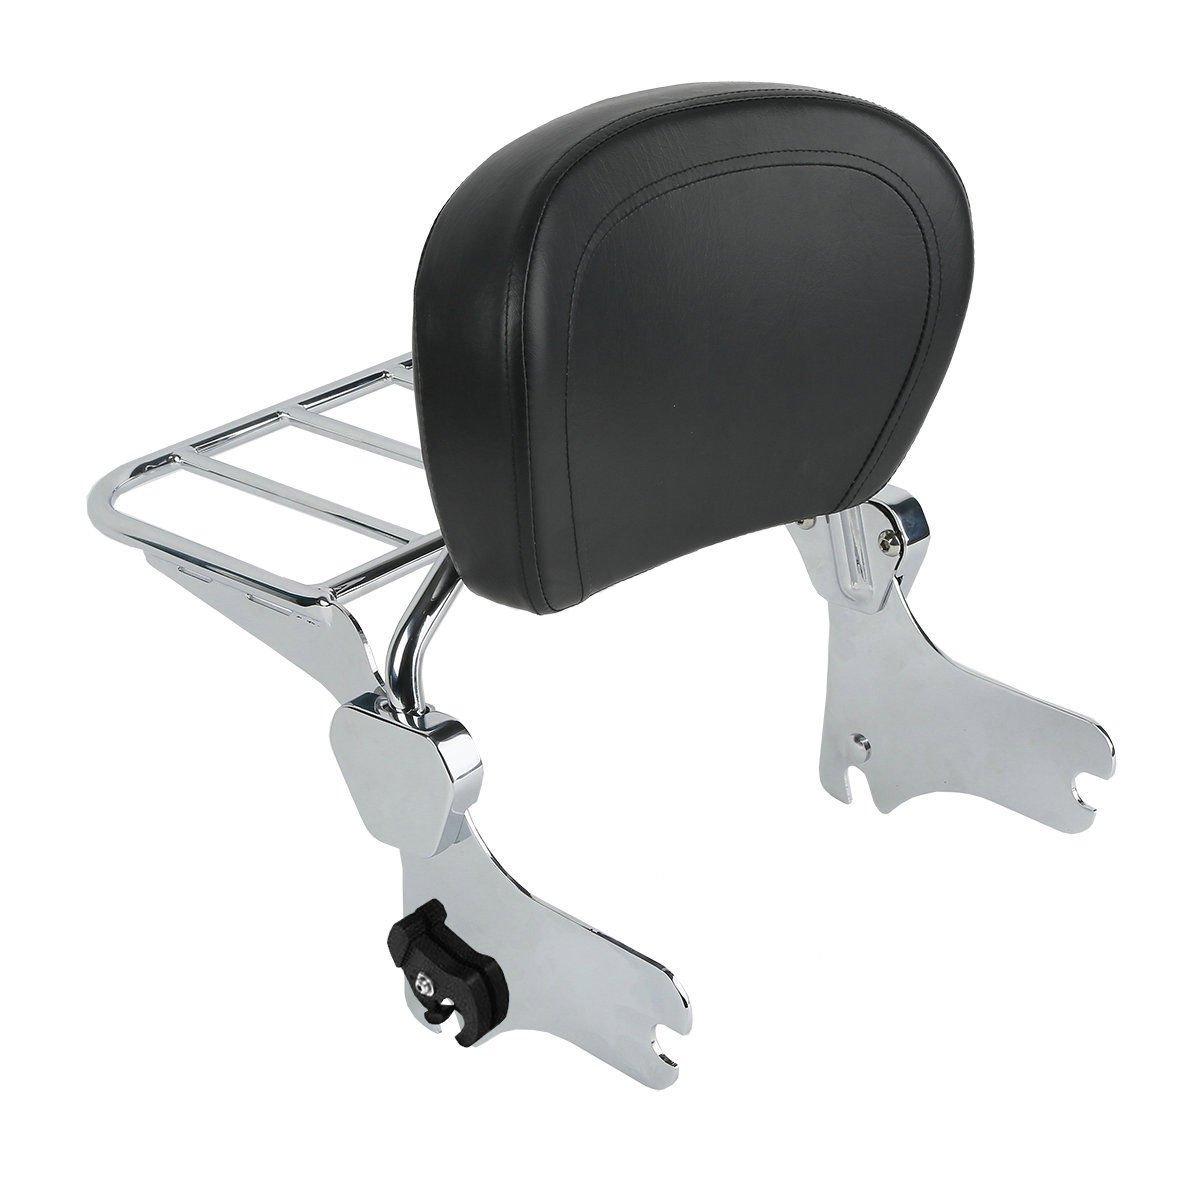 BBUT Matte Black Backrest Sissy Bar W//Luggage Rack For Harley Touring FLHR FLHX FLTR FLHT 1997 1998 1999 2000 2001 2002 2003 2004 2005 2006 2007 2008